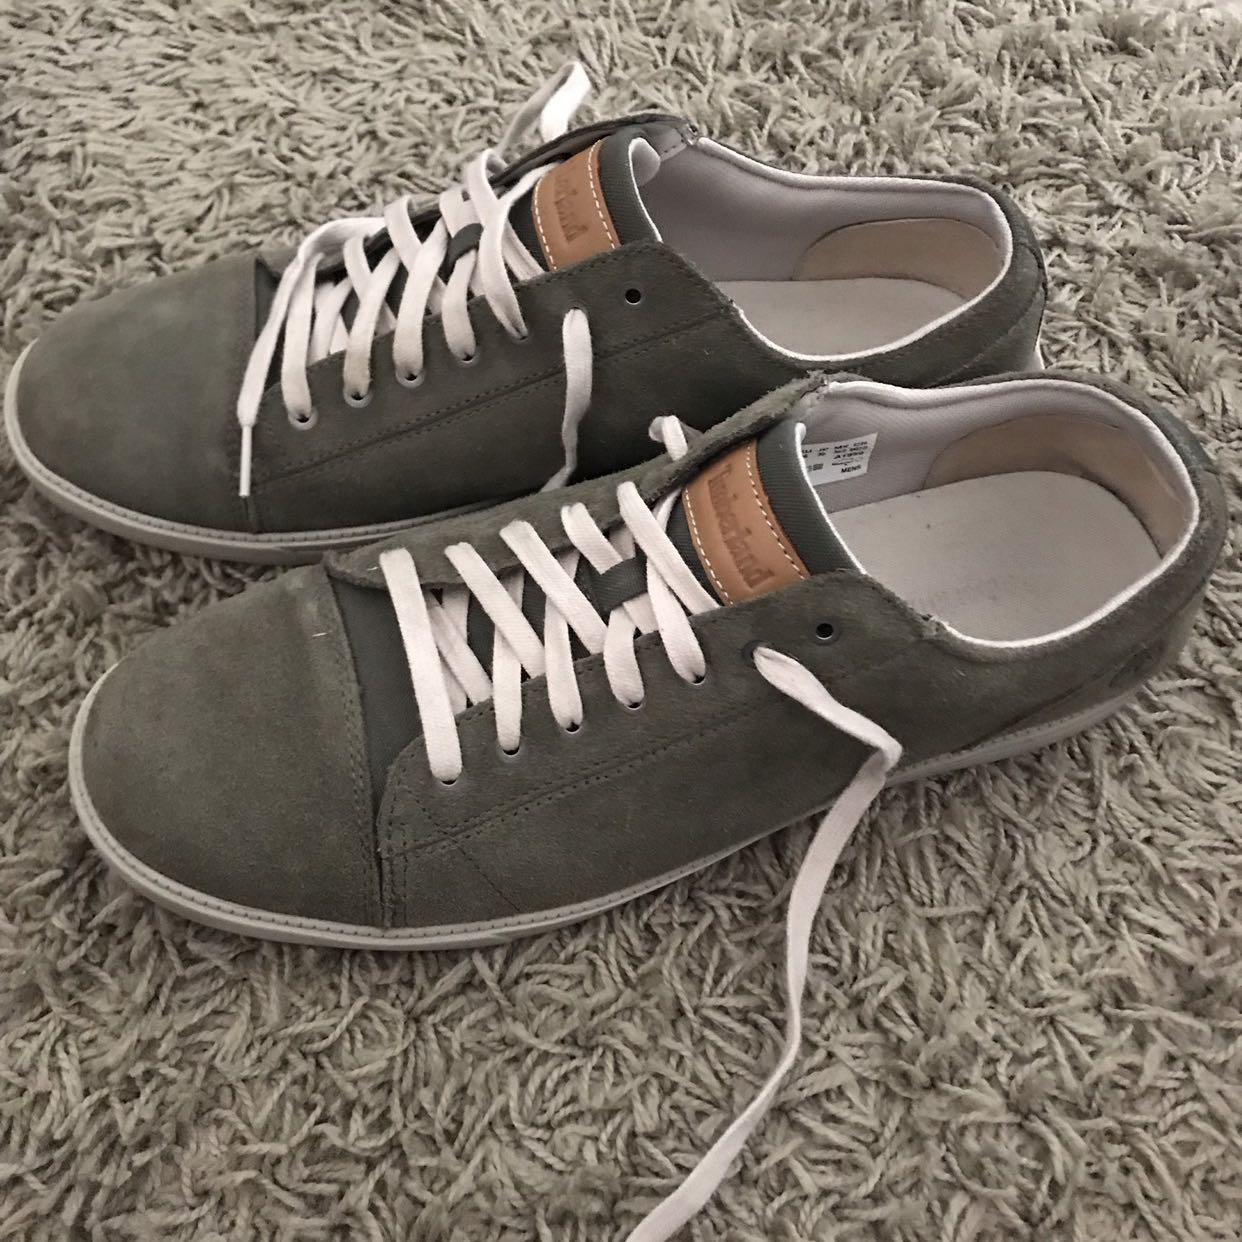 נעלי-Timberland-מידה-46 - יד 2